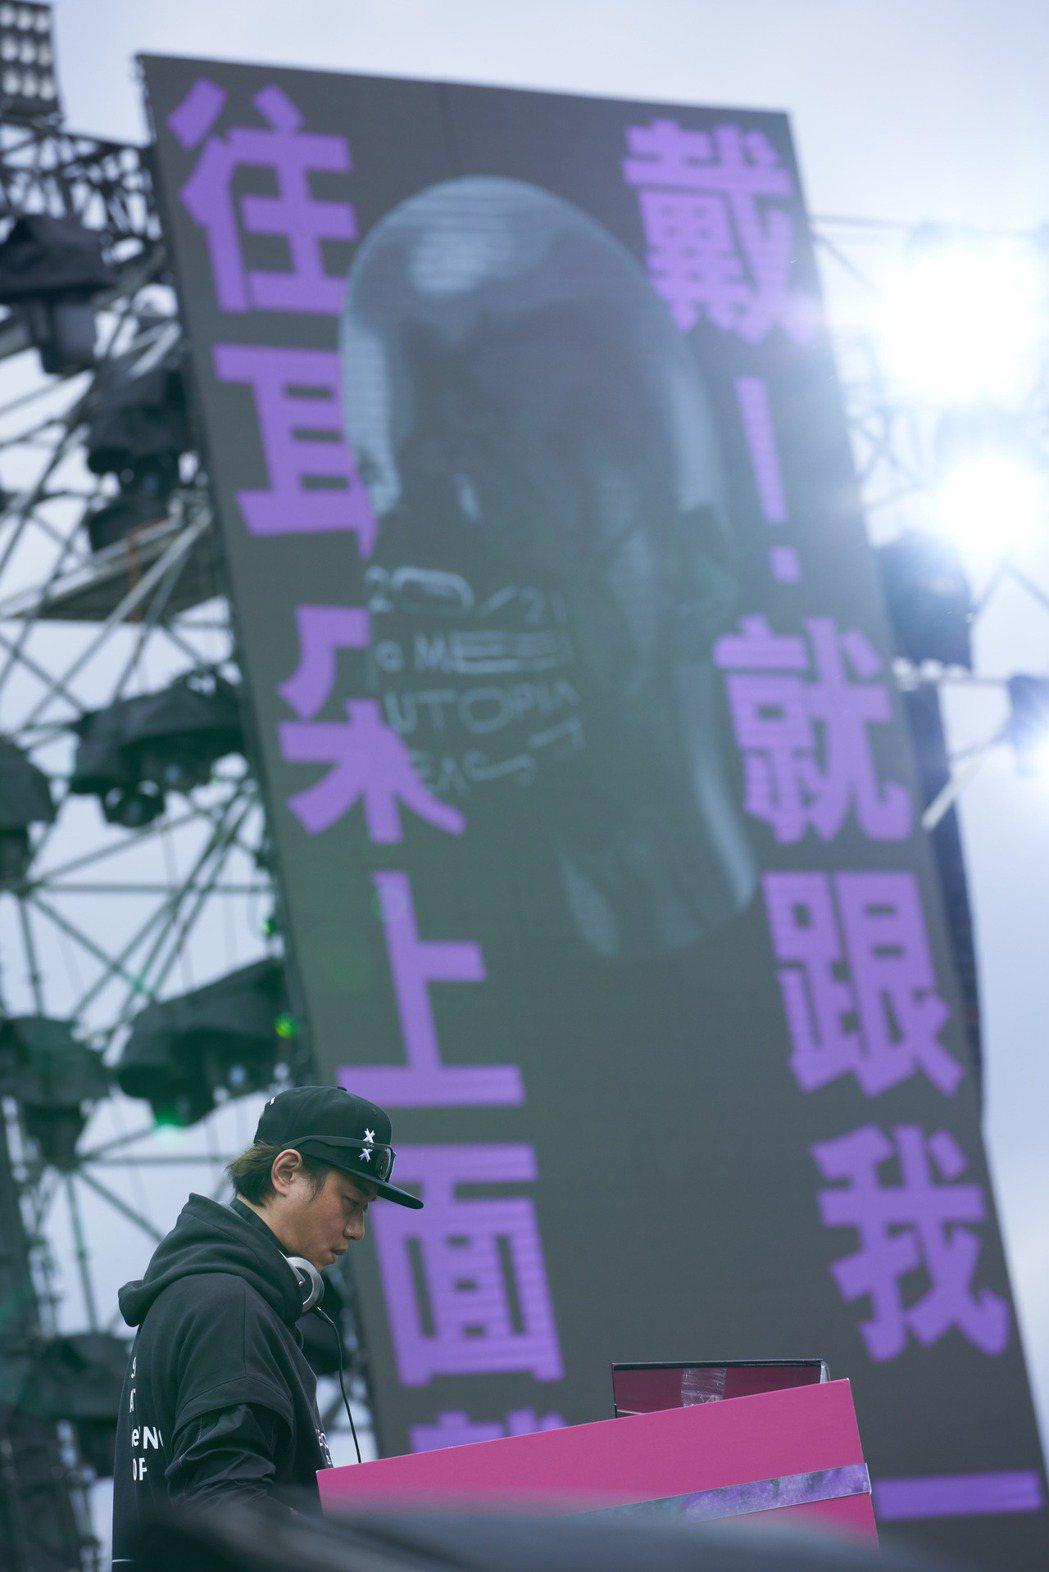 張惠妹男友Sam帶來DJ秀,為跨年演唱會熱烈開場。圖/聲動娛樂提供